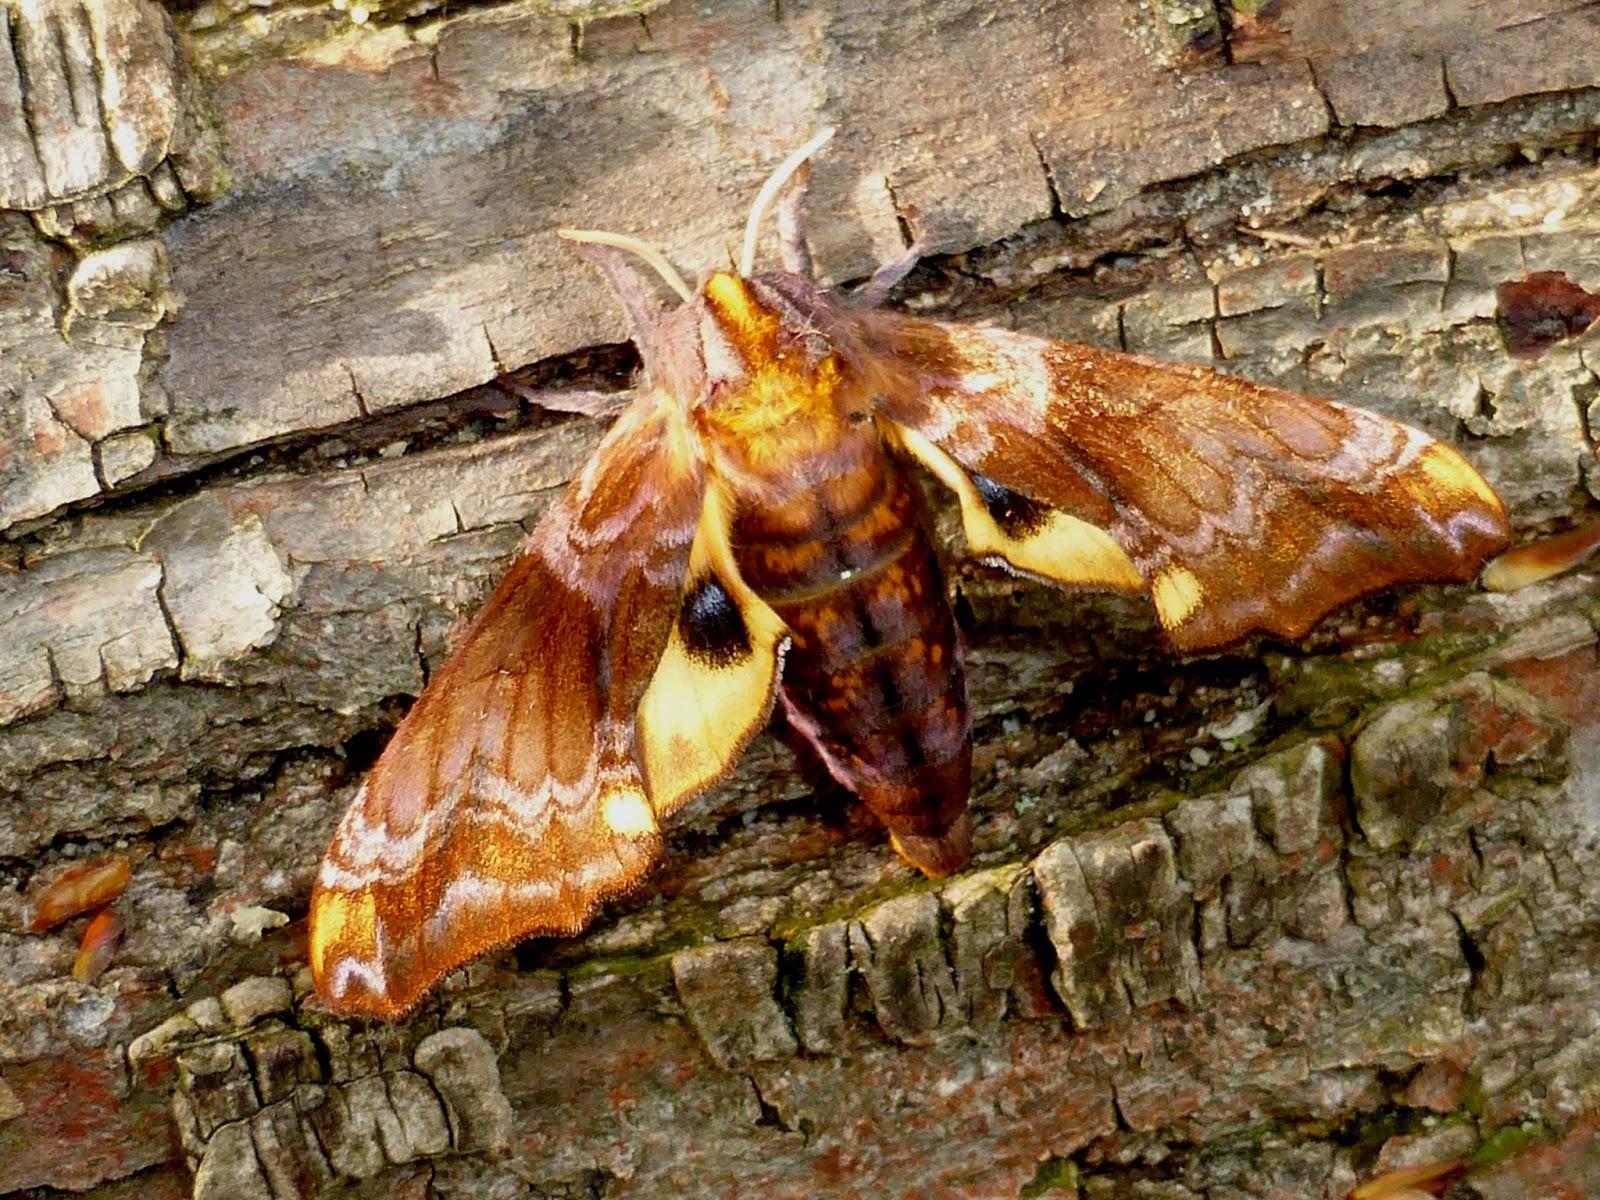 Paonias myops female